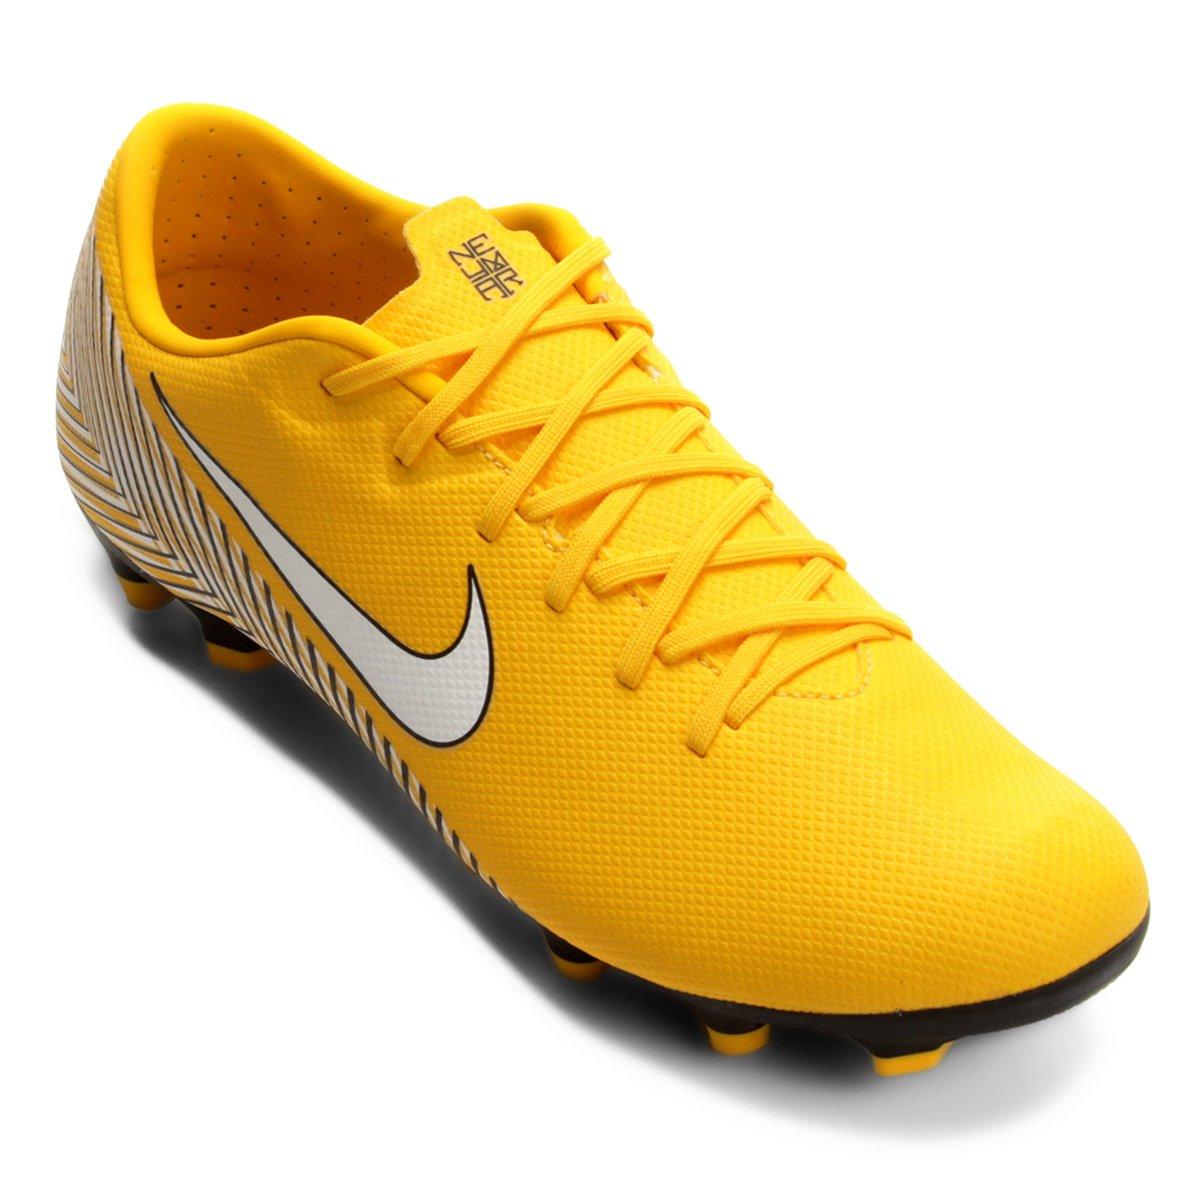 126990592e1a9 Chuteira Campo Nike Mercurial Vapor 12 Academy Neymar FG - Amarelo ...